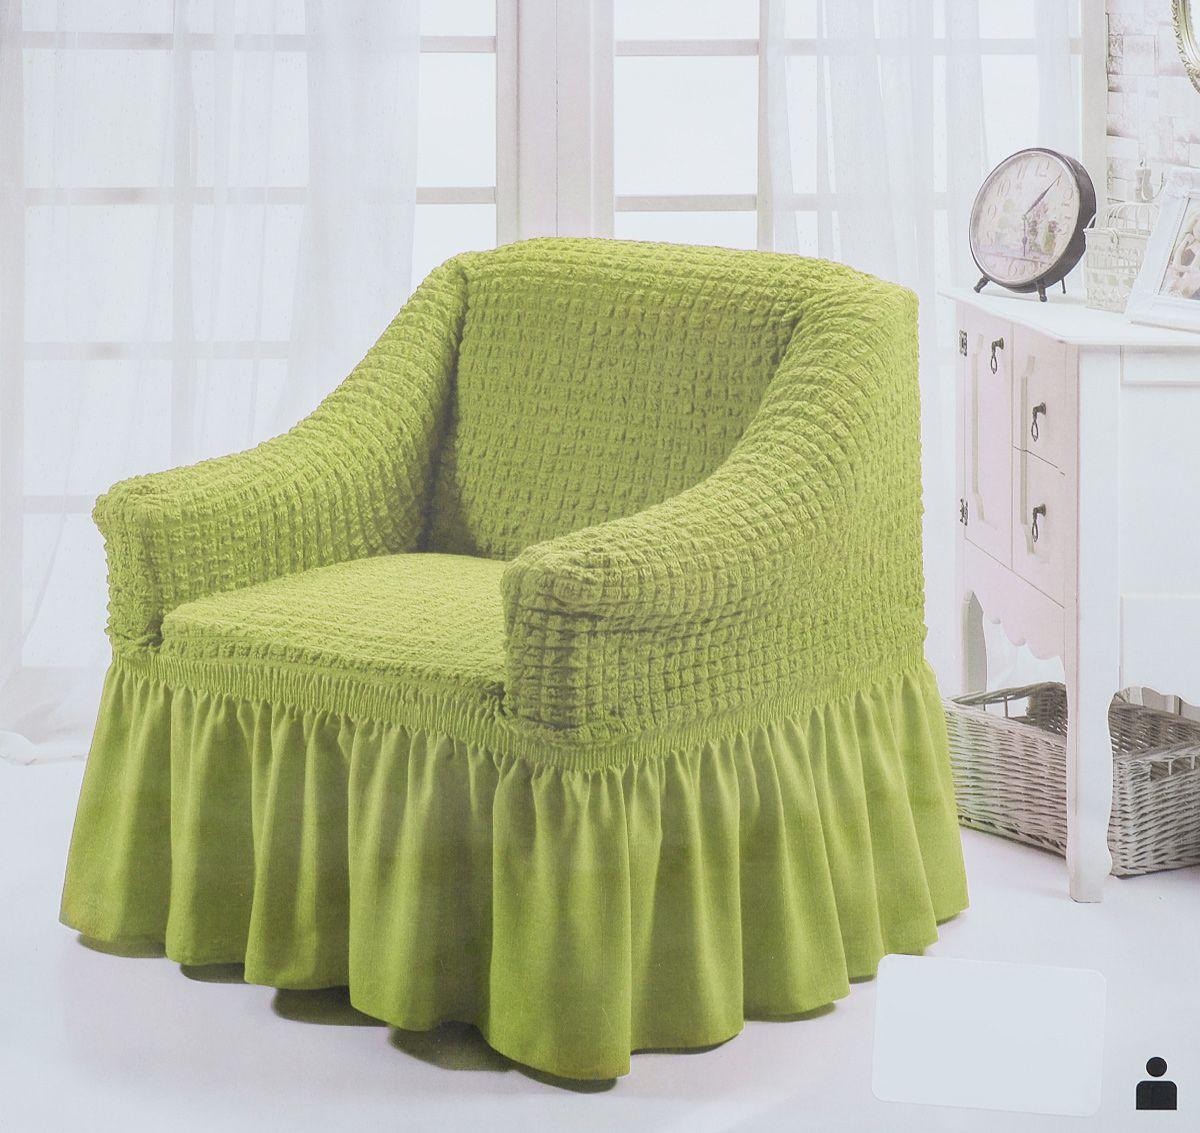 Чехол для кресла Burumcuk Bulsan, цвет: зеленый1797/CHAR015Чехол на кресло Burumcuk Bulsan выполнен из высококачественного полиэстера и хлопка с красивым рельефом. Предназначен для кресла стандартного размера со спинкой высотой в 140 см. Такой чехол изысканно дополнит интерьер вашего дома. Изделие прорезинено со всех сторон и оснащено закрывающей оборкой. Ширина и глубина посадочного места: 70-80 см. Высота спинки от сиденья: 70-80 см. Высота подлокотников: 35-45 см. Ширина подлокотников: 25-35 см. Длина оборки: 35 см.